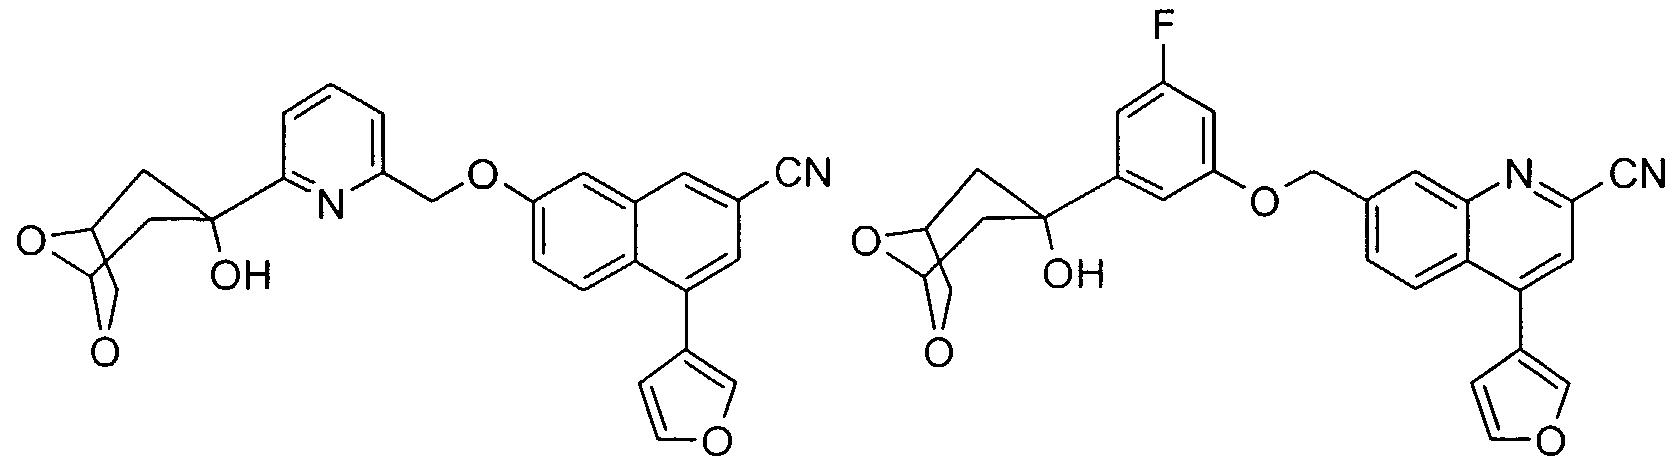 Figure imgf000179_0003